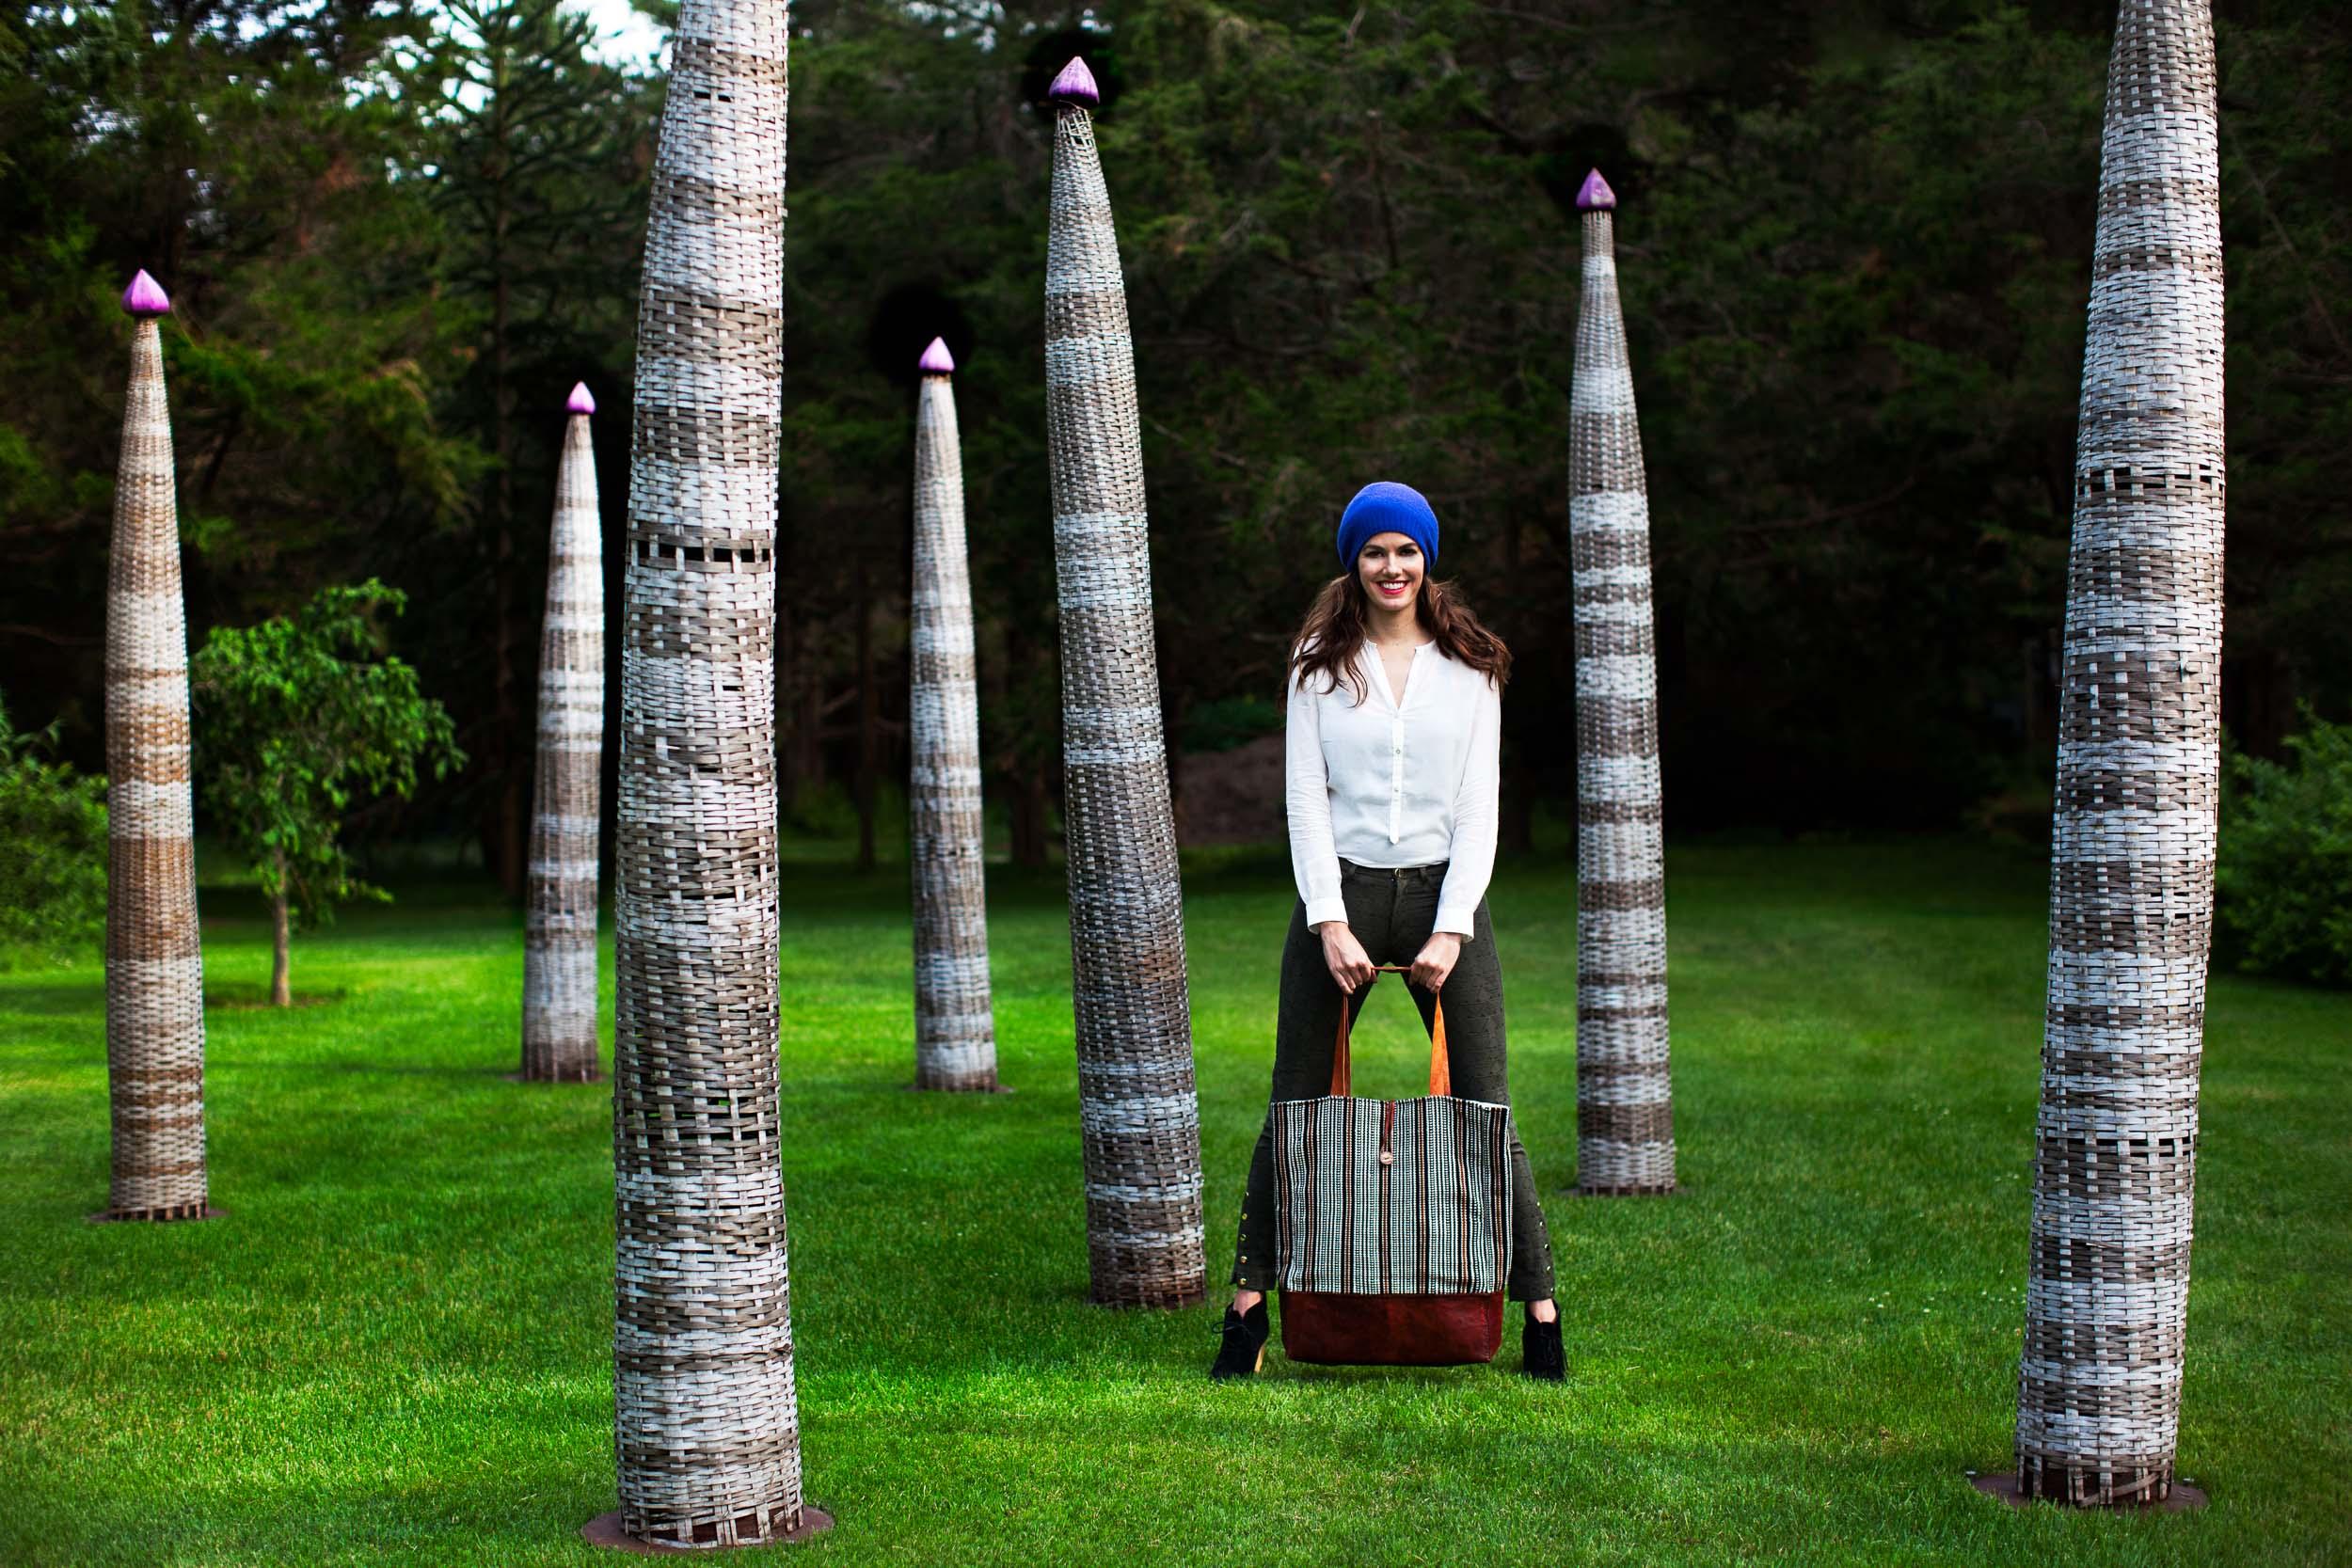 Maya Bags | Advertising Campaign shot in The Hamptons